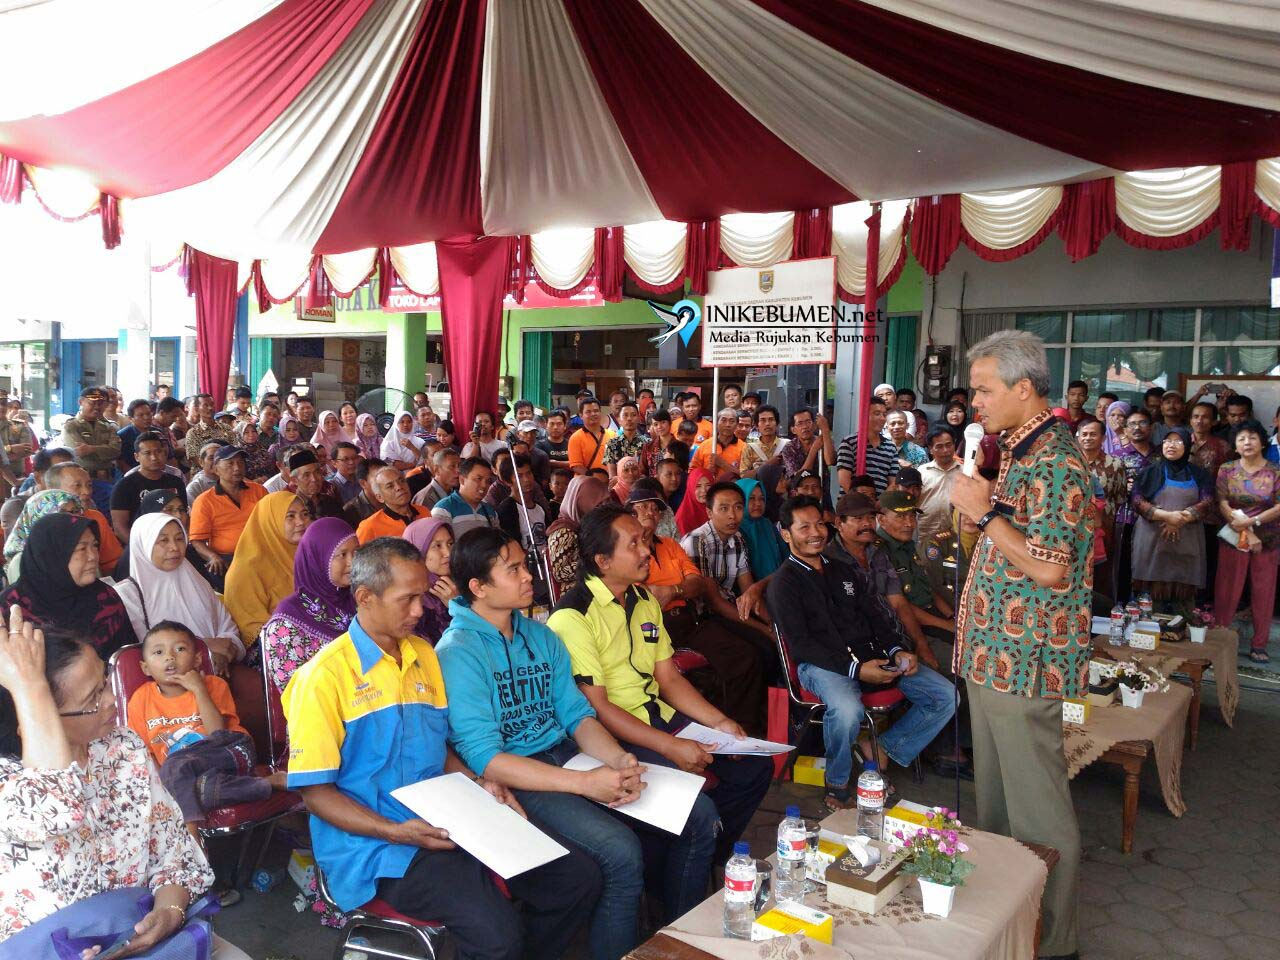 Pemkab Kebumen Alokasikan Anggaran Rp 670,5 Juta untuk Pedagang Korban Kebakaran Pasar Wonokriyo Gombong